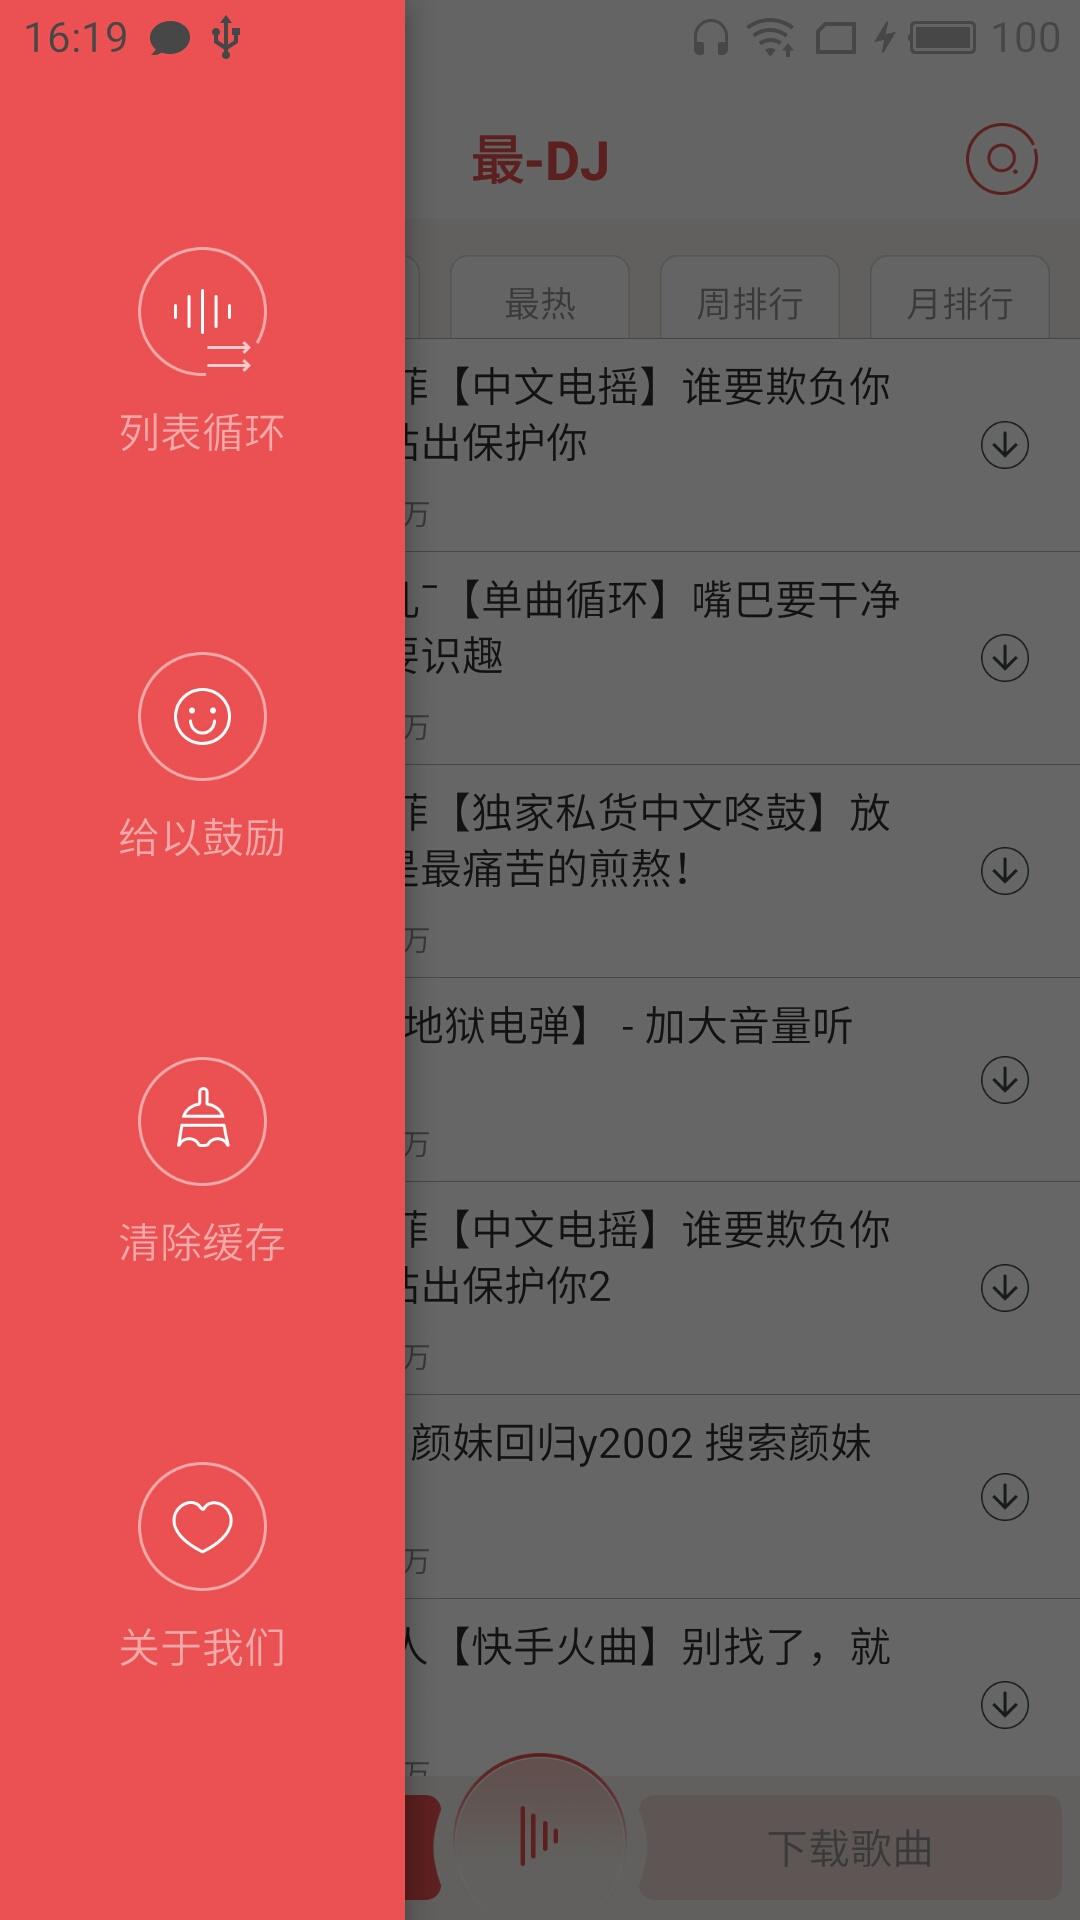 Android每周精品软件推荐(2017.6.22-2017.6.28)图片7